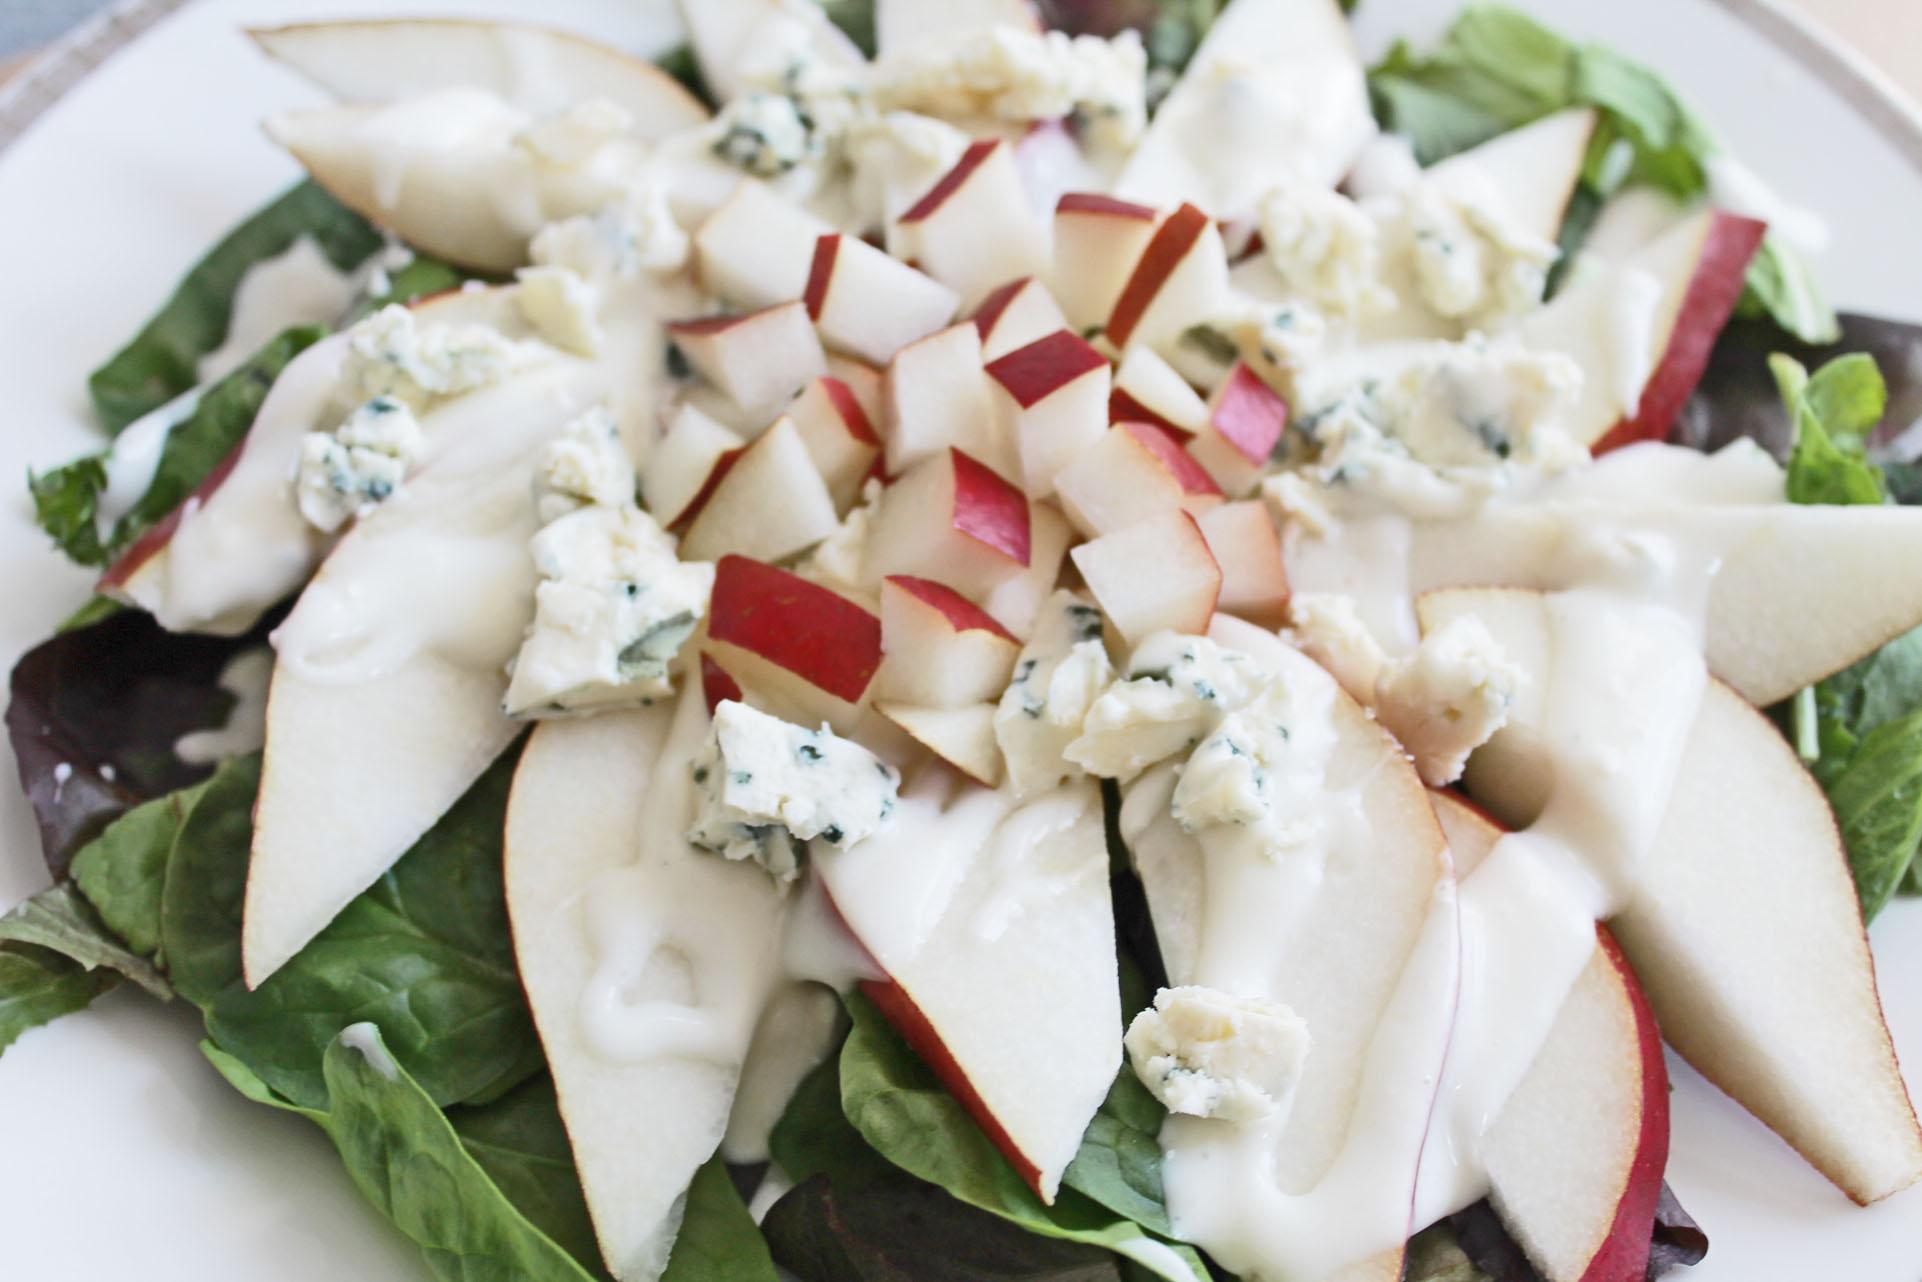 Pear-y Delicious Salad